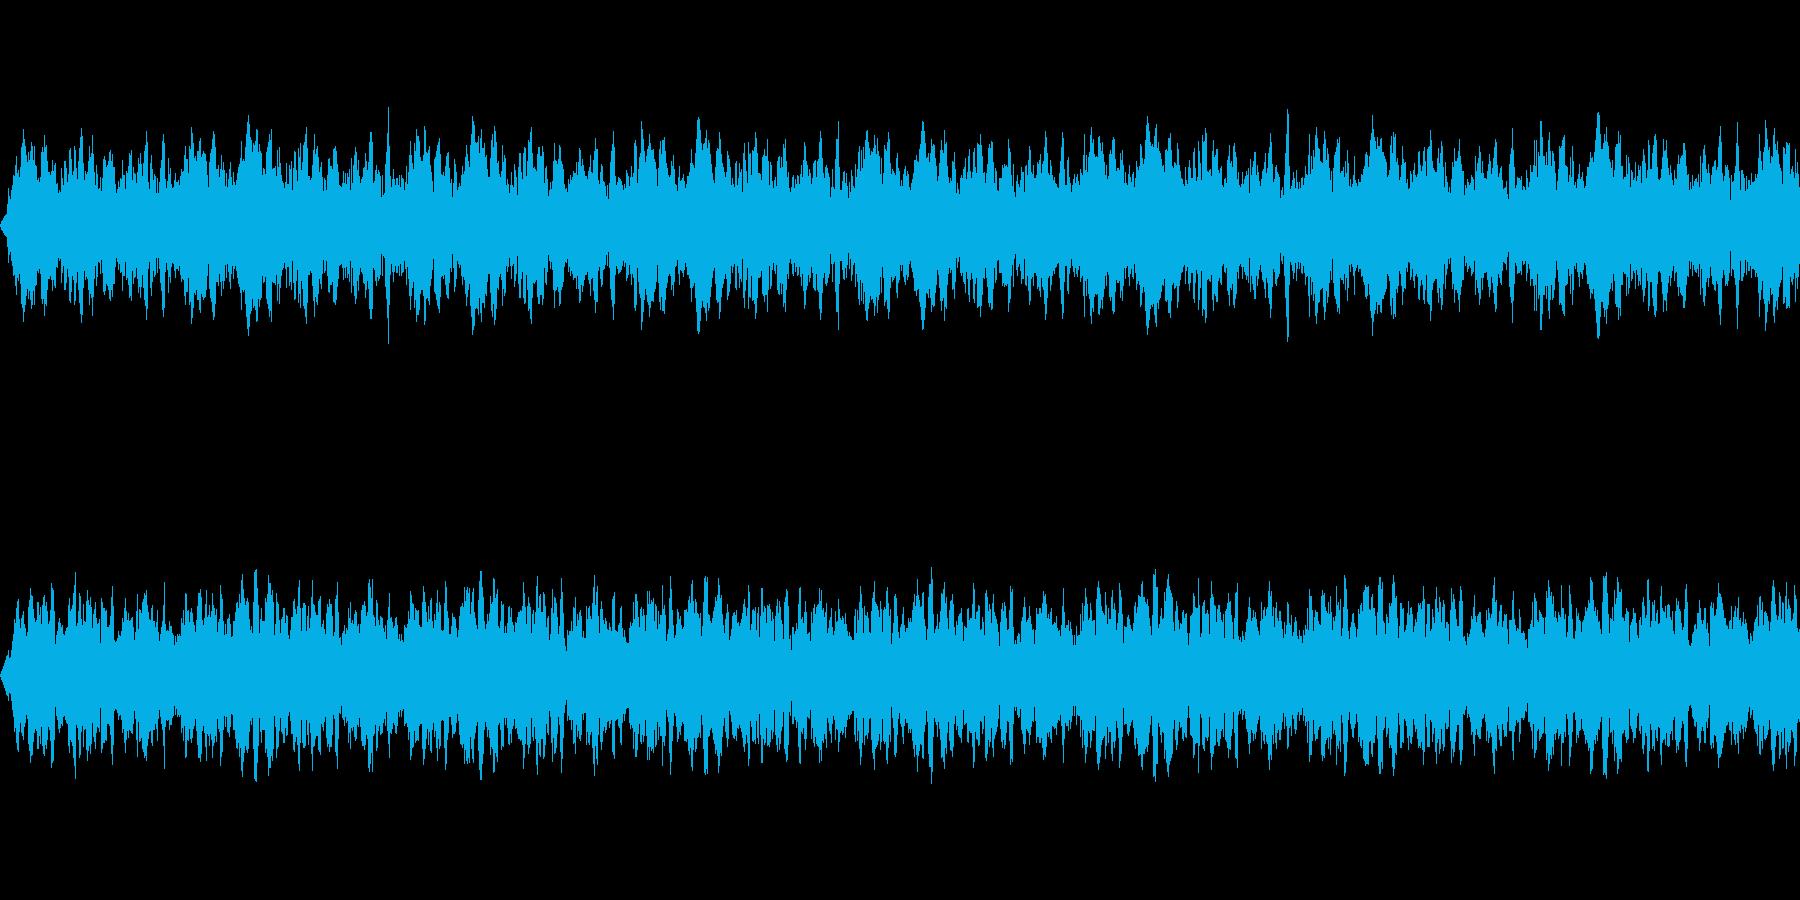 【不穏/怖い/BGM】の再生済みの波形